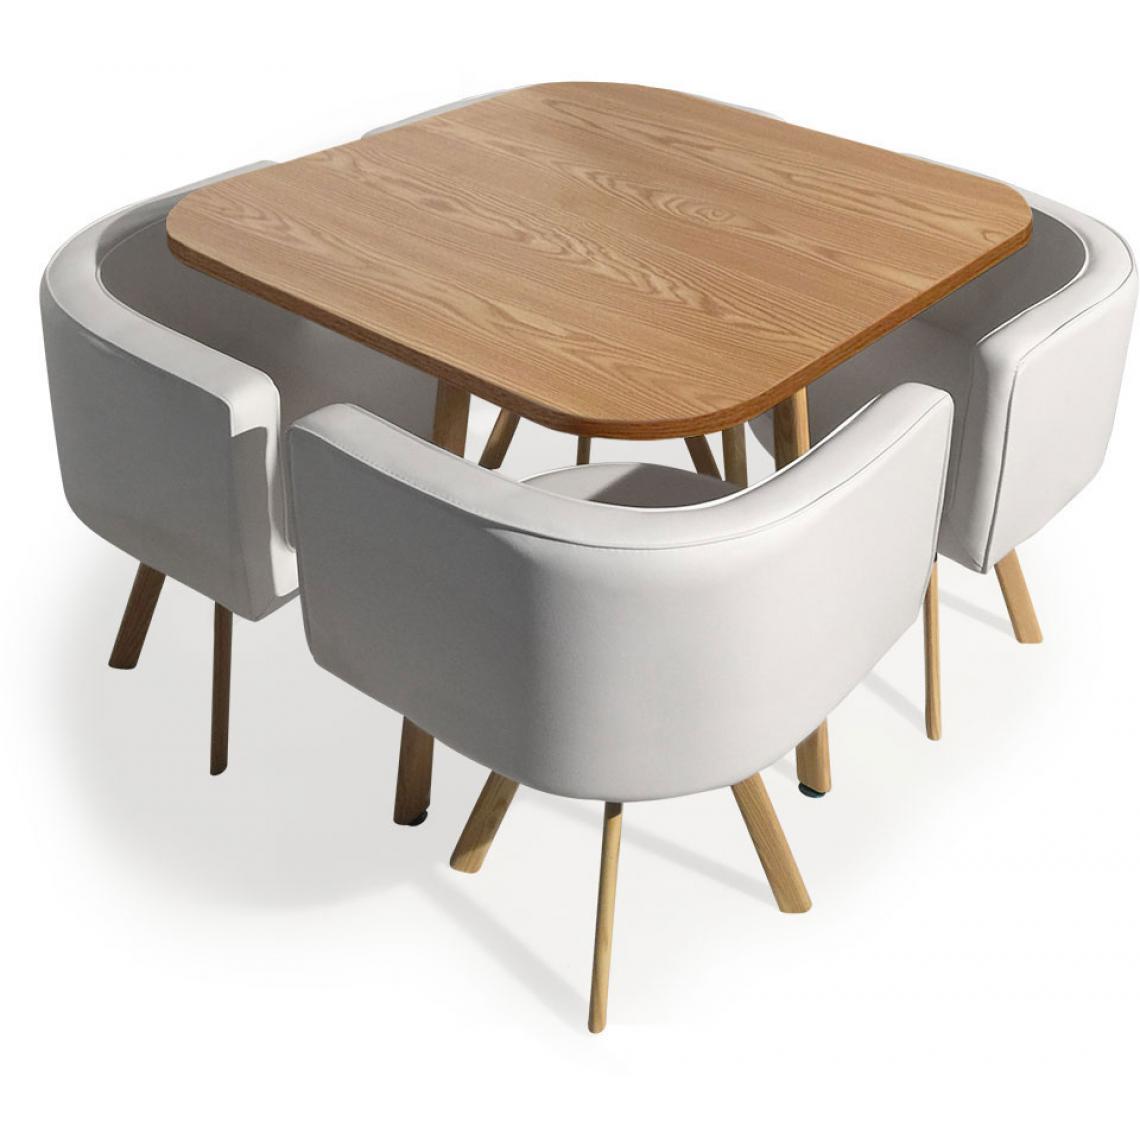 Table et chaises Encastrables Scandinaves Chêne COPENHAGUE